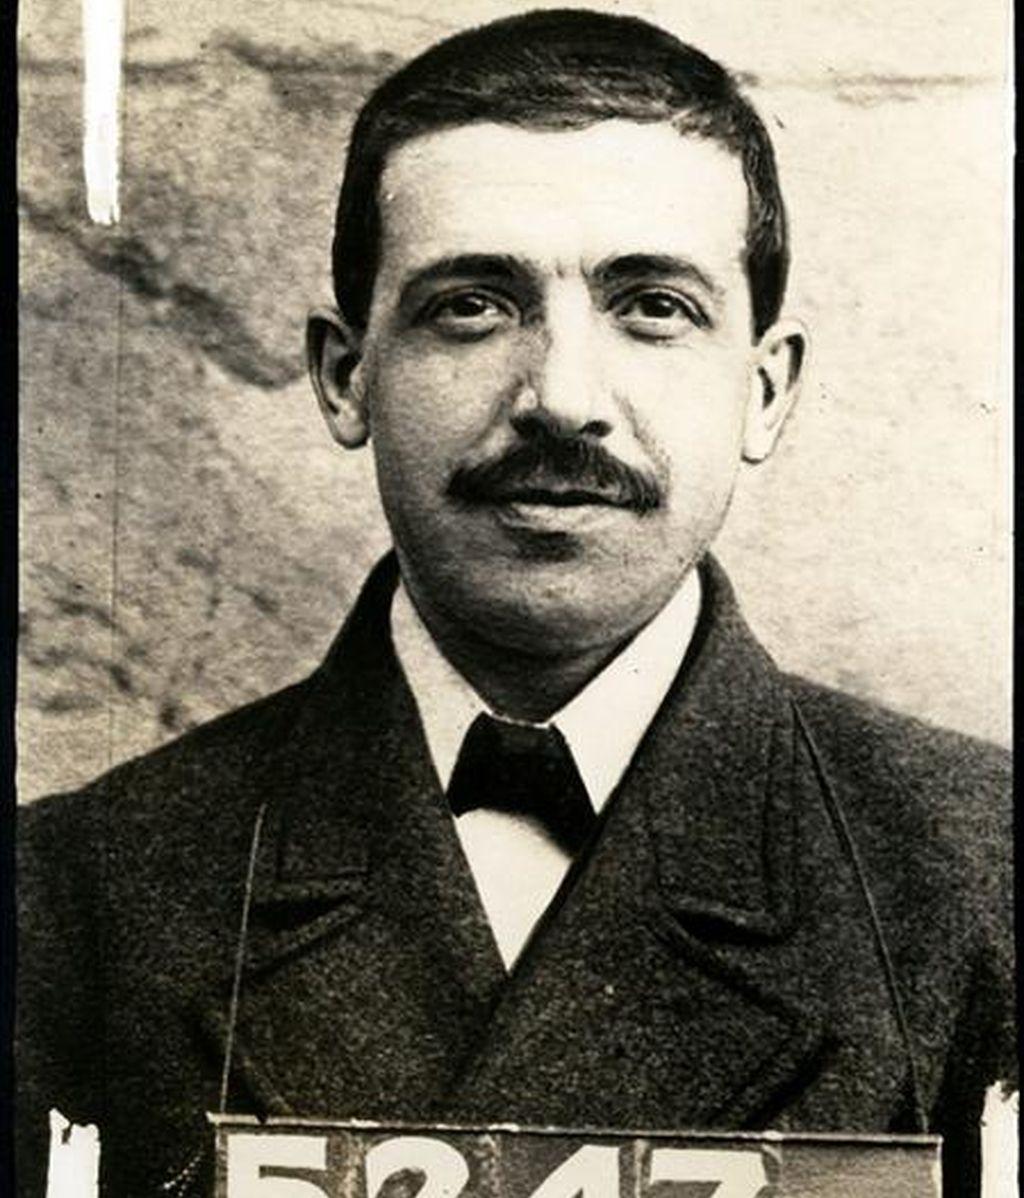 """Foto policial sin fecha de Charles Ponzi, el estafador italiano que dio origen al denominado""""esquema Ponzi"""", en una imagen que forma parte de una exposición sobre los mayores escándalos financieros en la historia de Estados Unidos. EFE"""